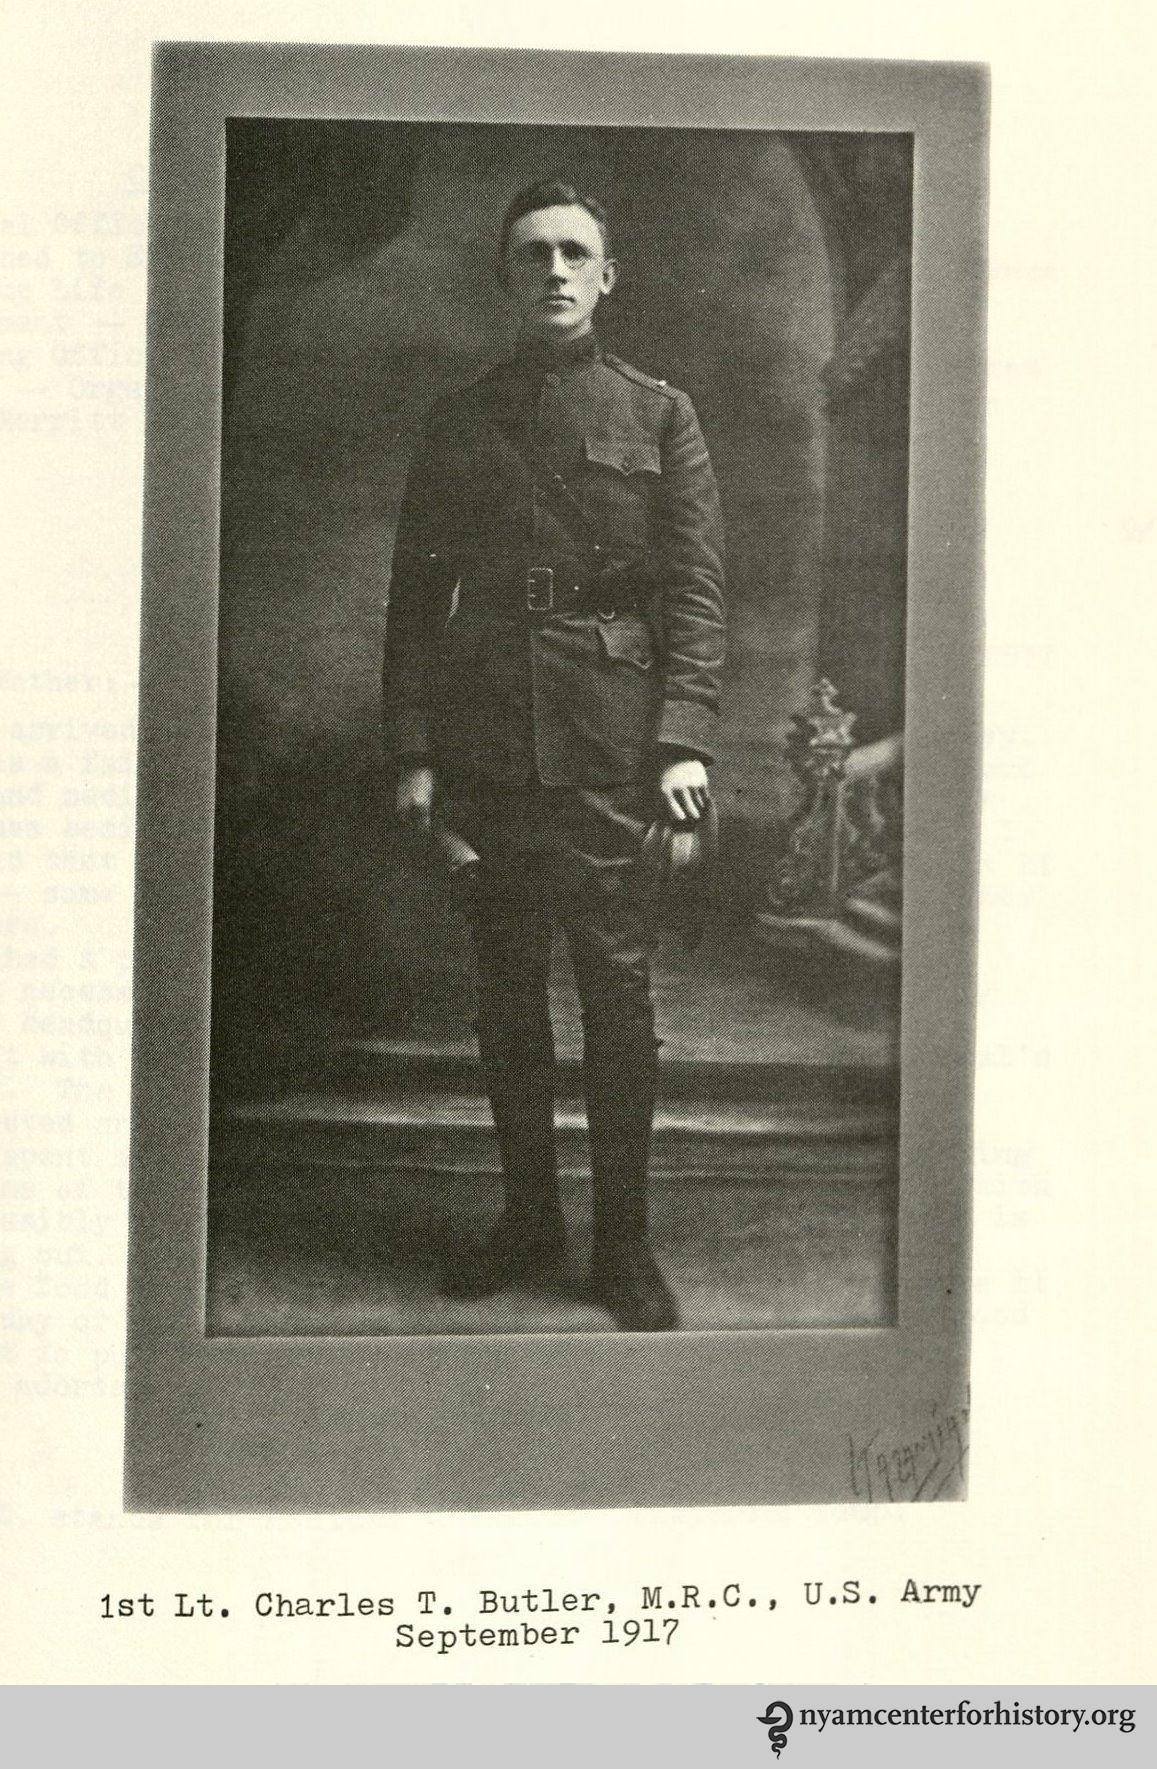 1st Lt. Charles T. Butler, MRC, US Army Sept. 1917